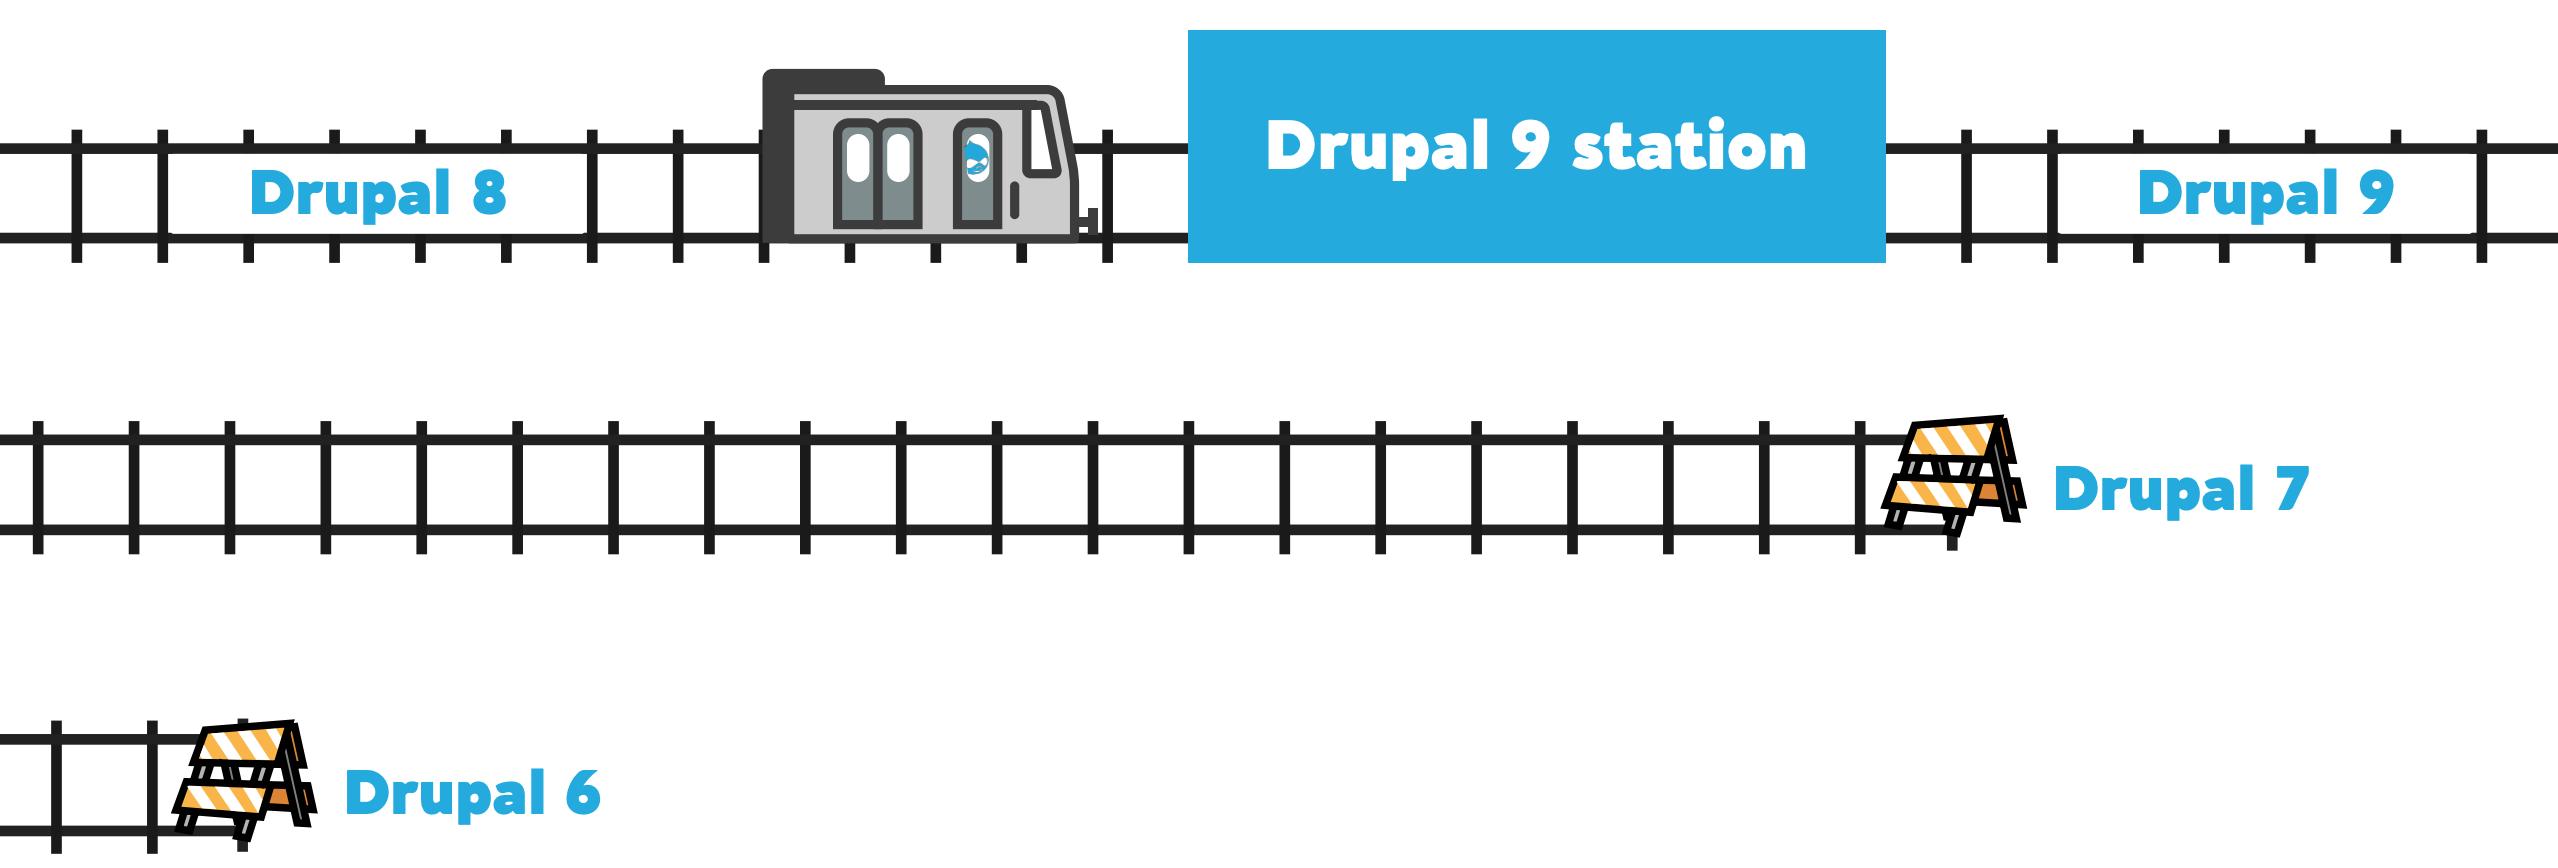 Drupal 9 Station